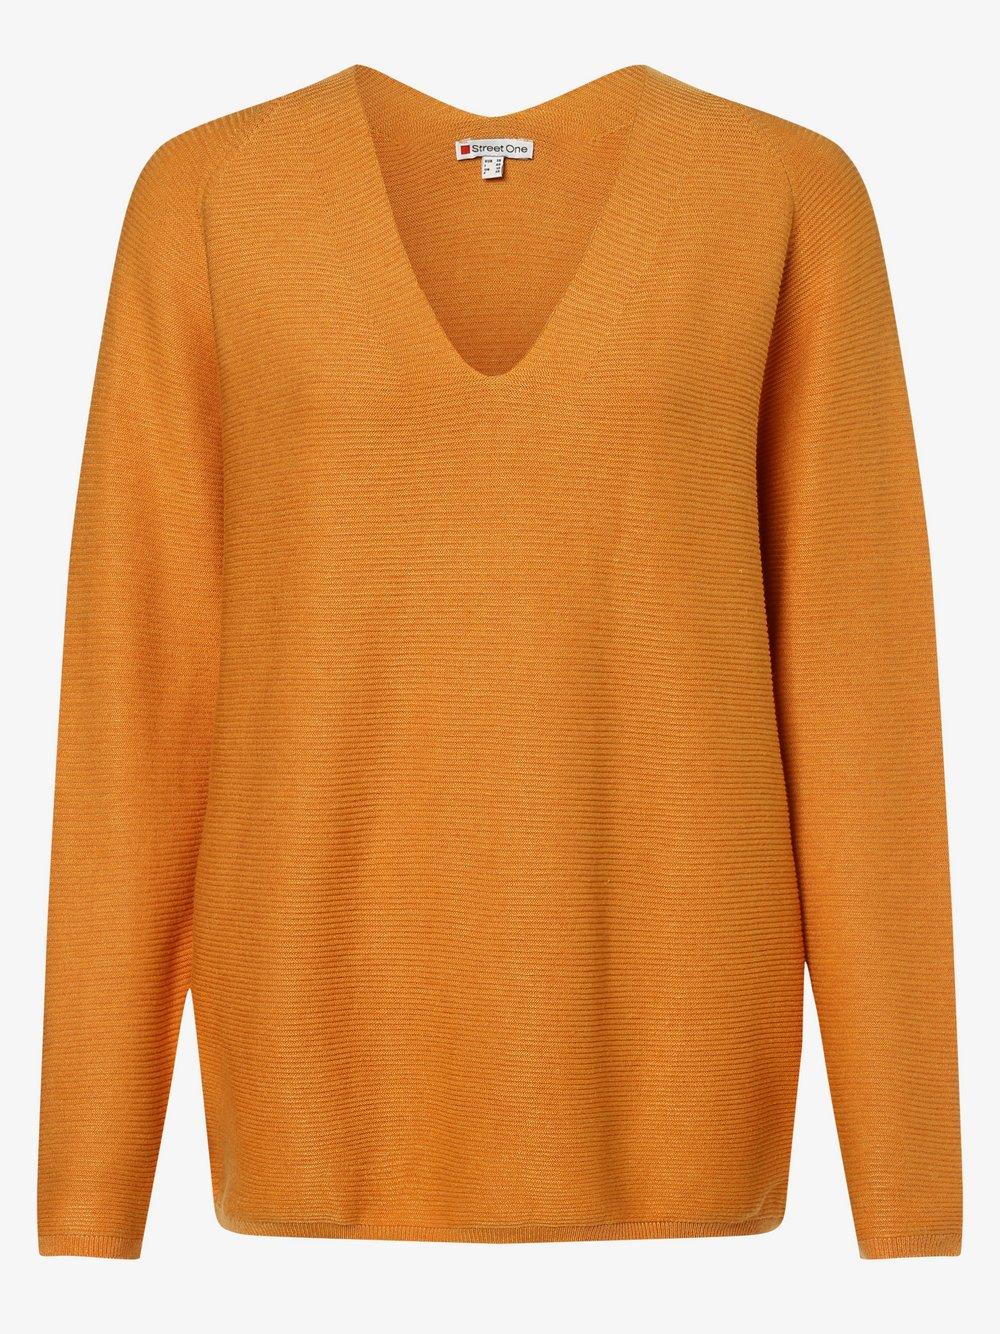 Street One - Sweter damski, brązowy